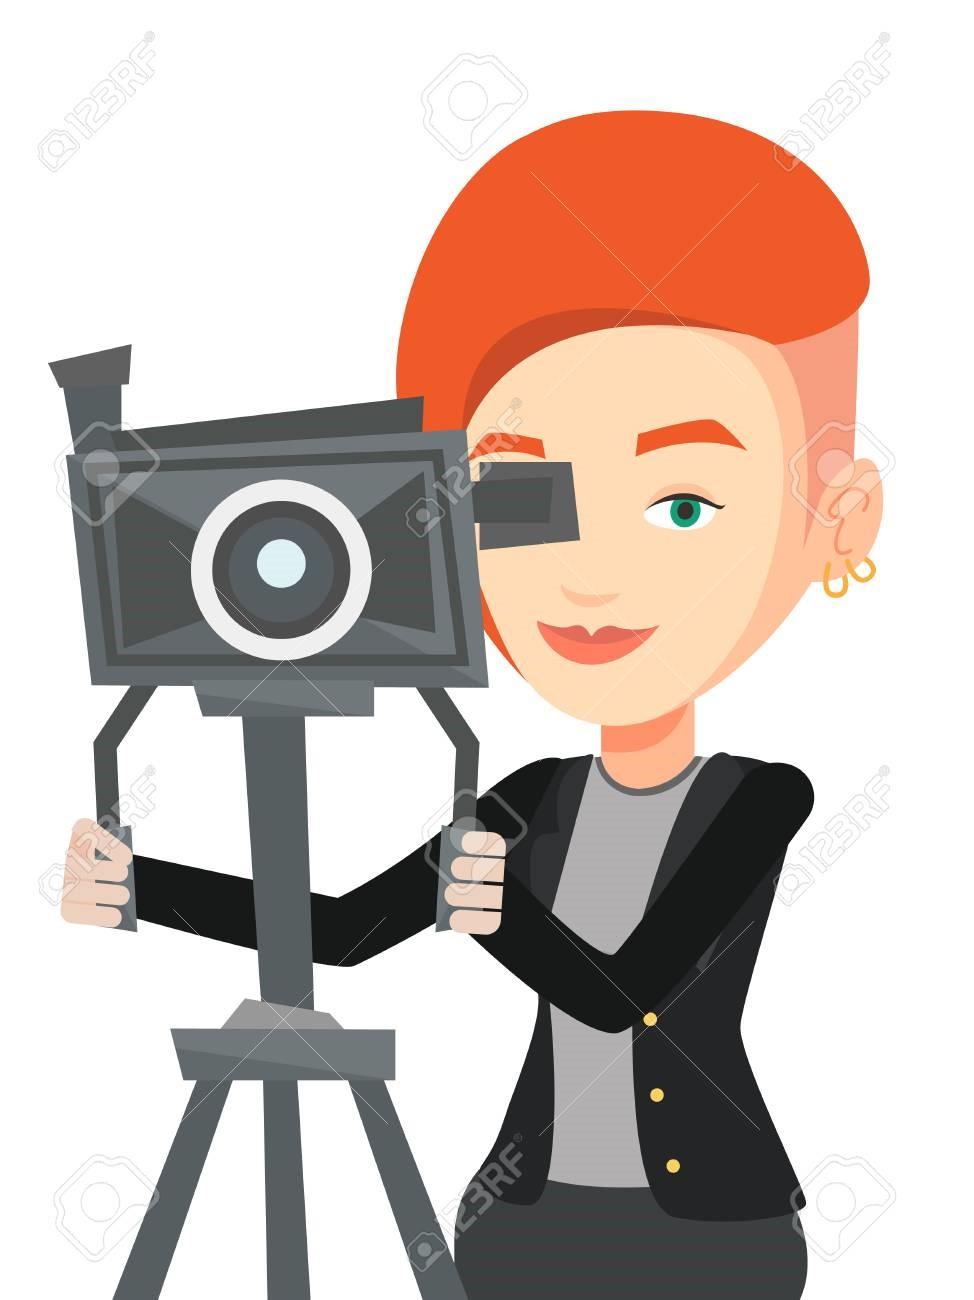 НПТГ обявява младежки конкурс за видеоклип срещу агресията